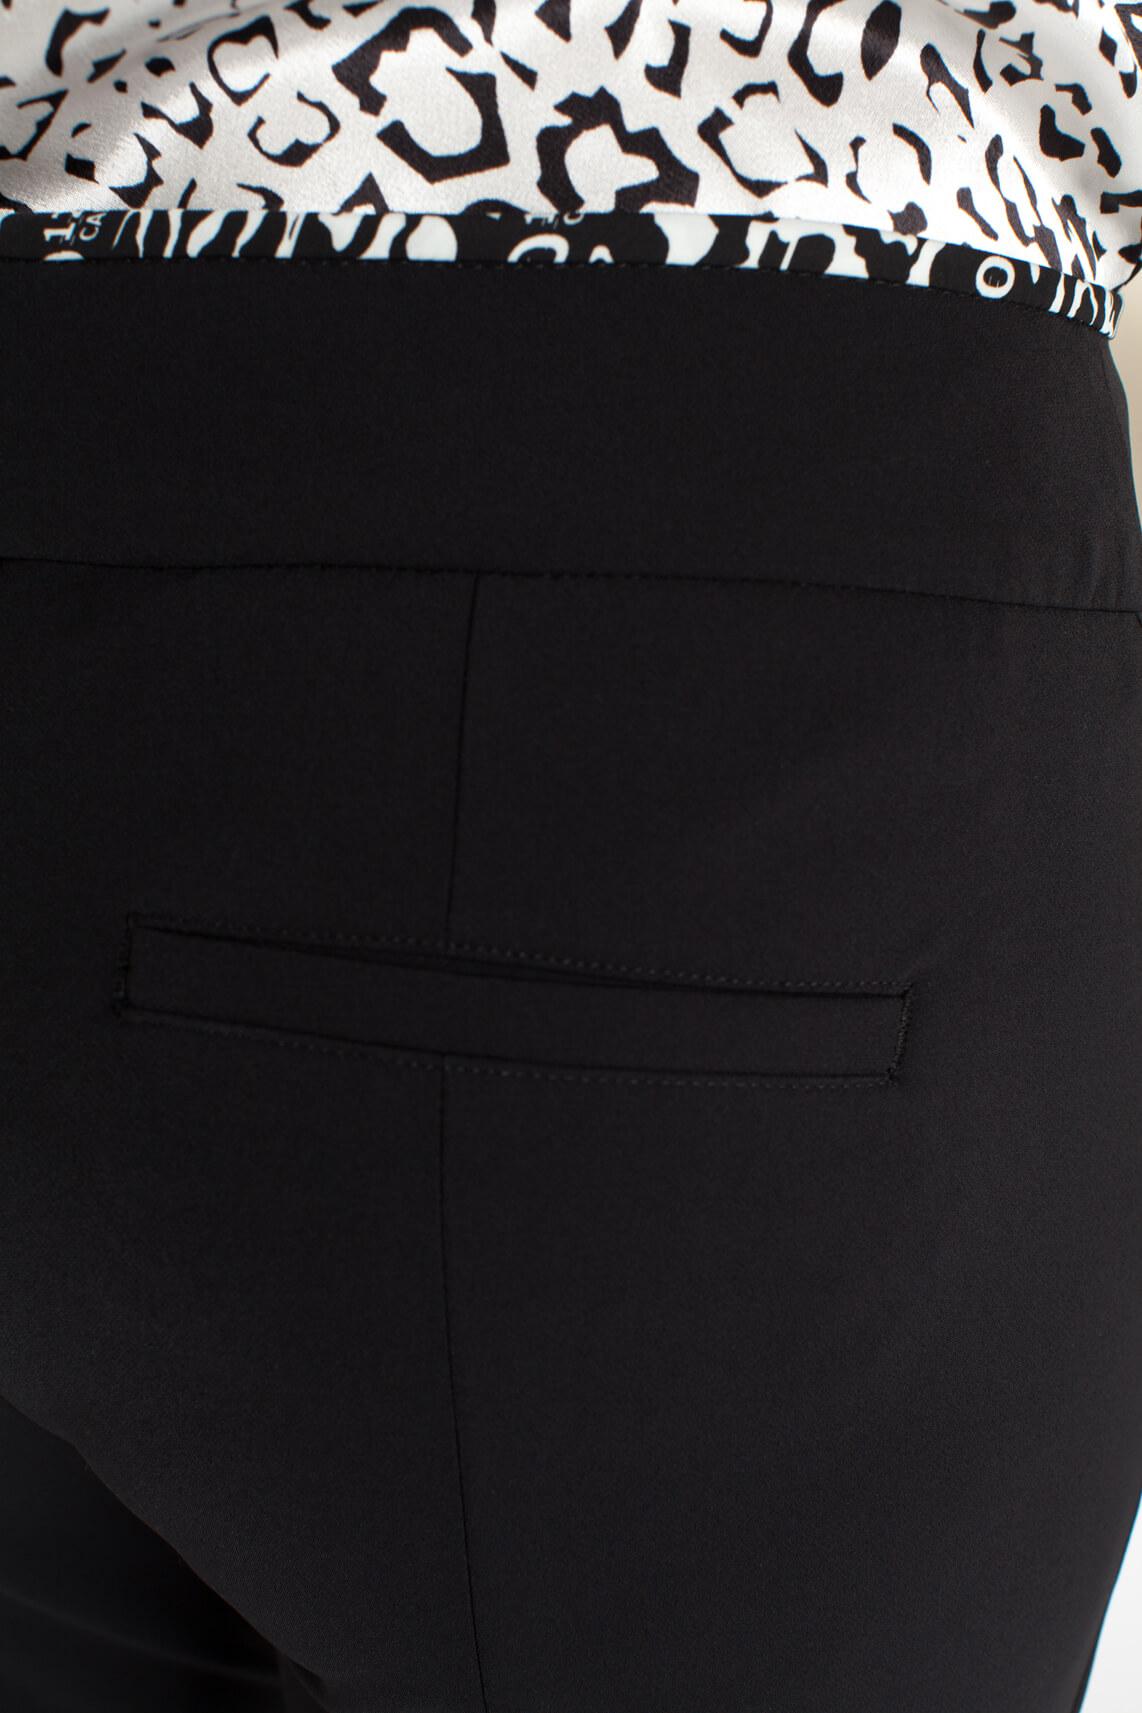 Cambio Dames Rosa pantalon zwart